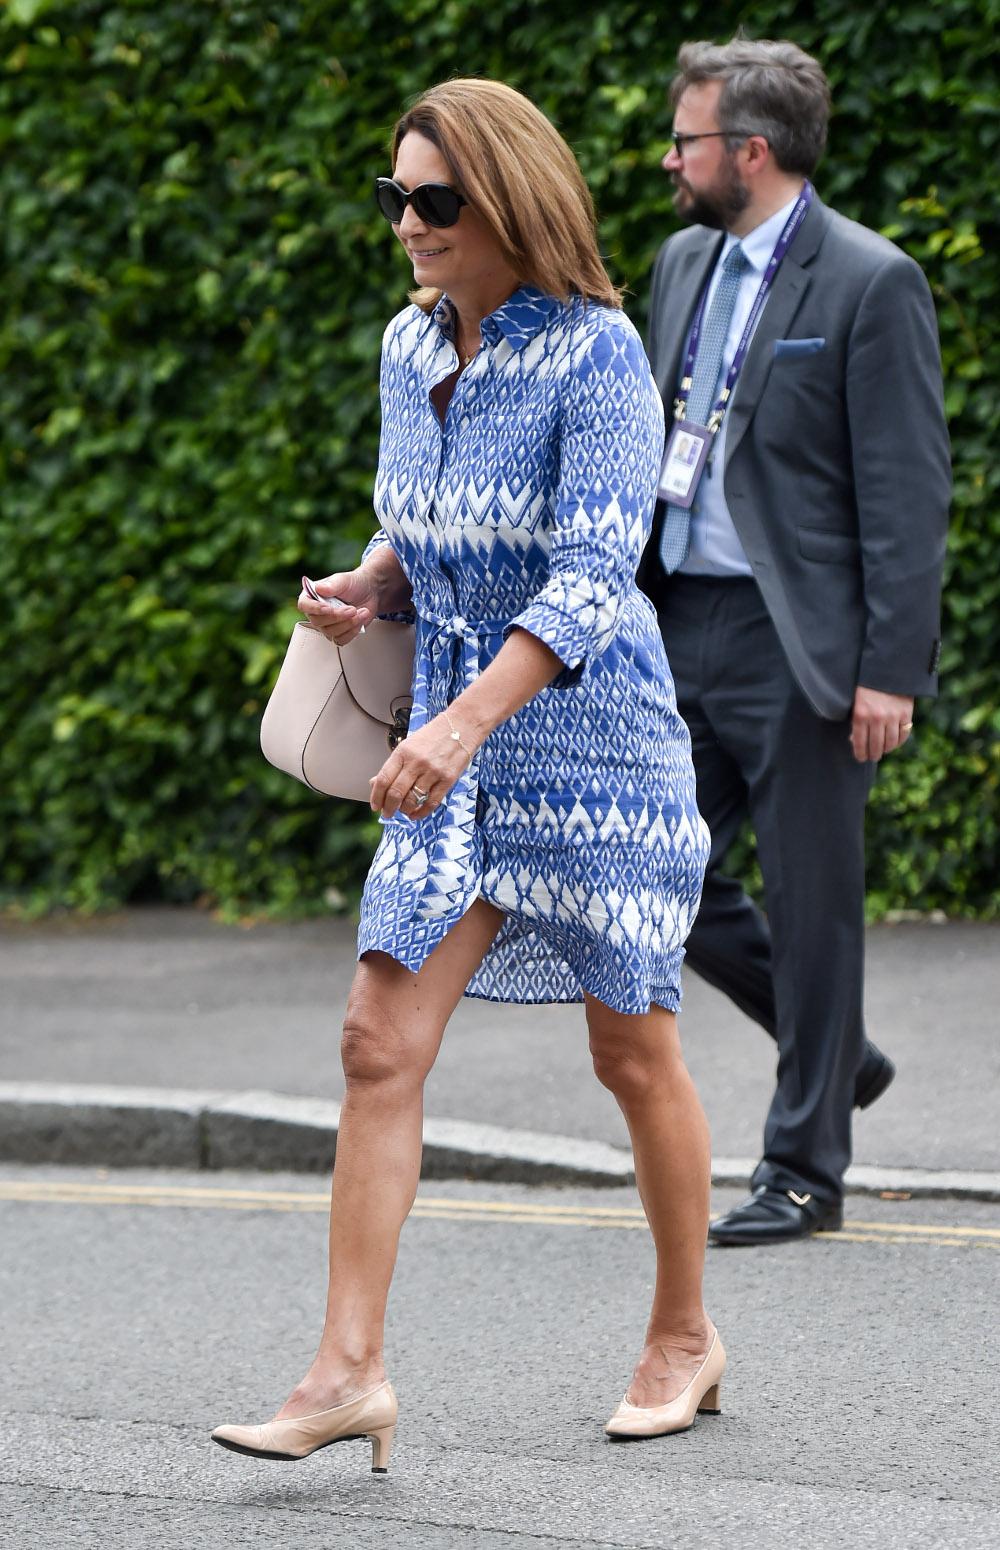 Η Κάρολ Μίντλετον με ένα οικονομικό μπλε φόρεμα καταφθάνει στον τελικό του Γουίμπλεντον